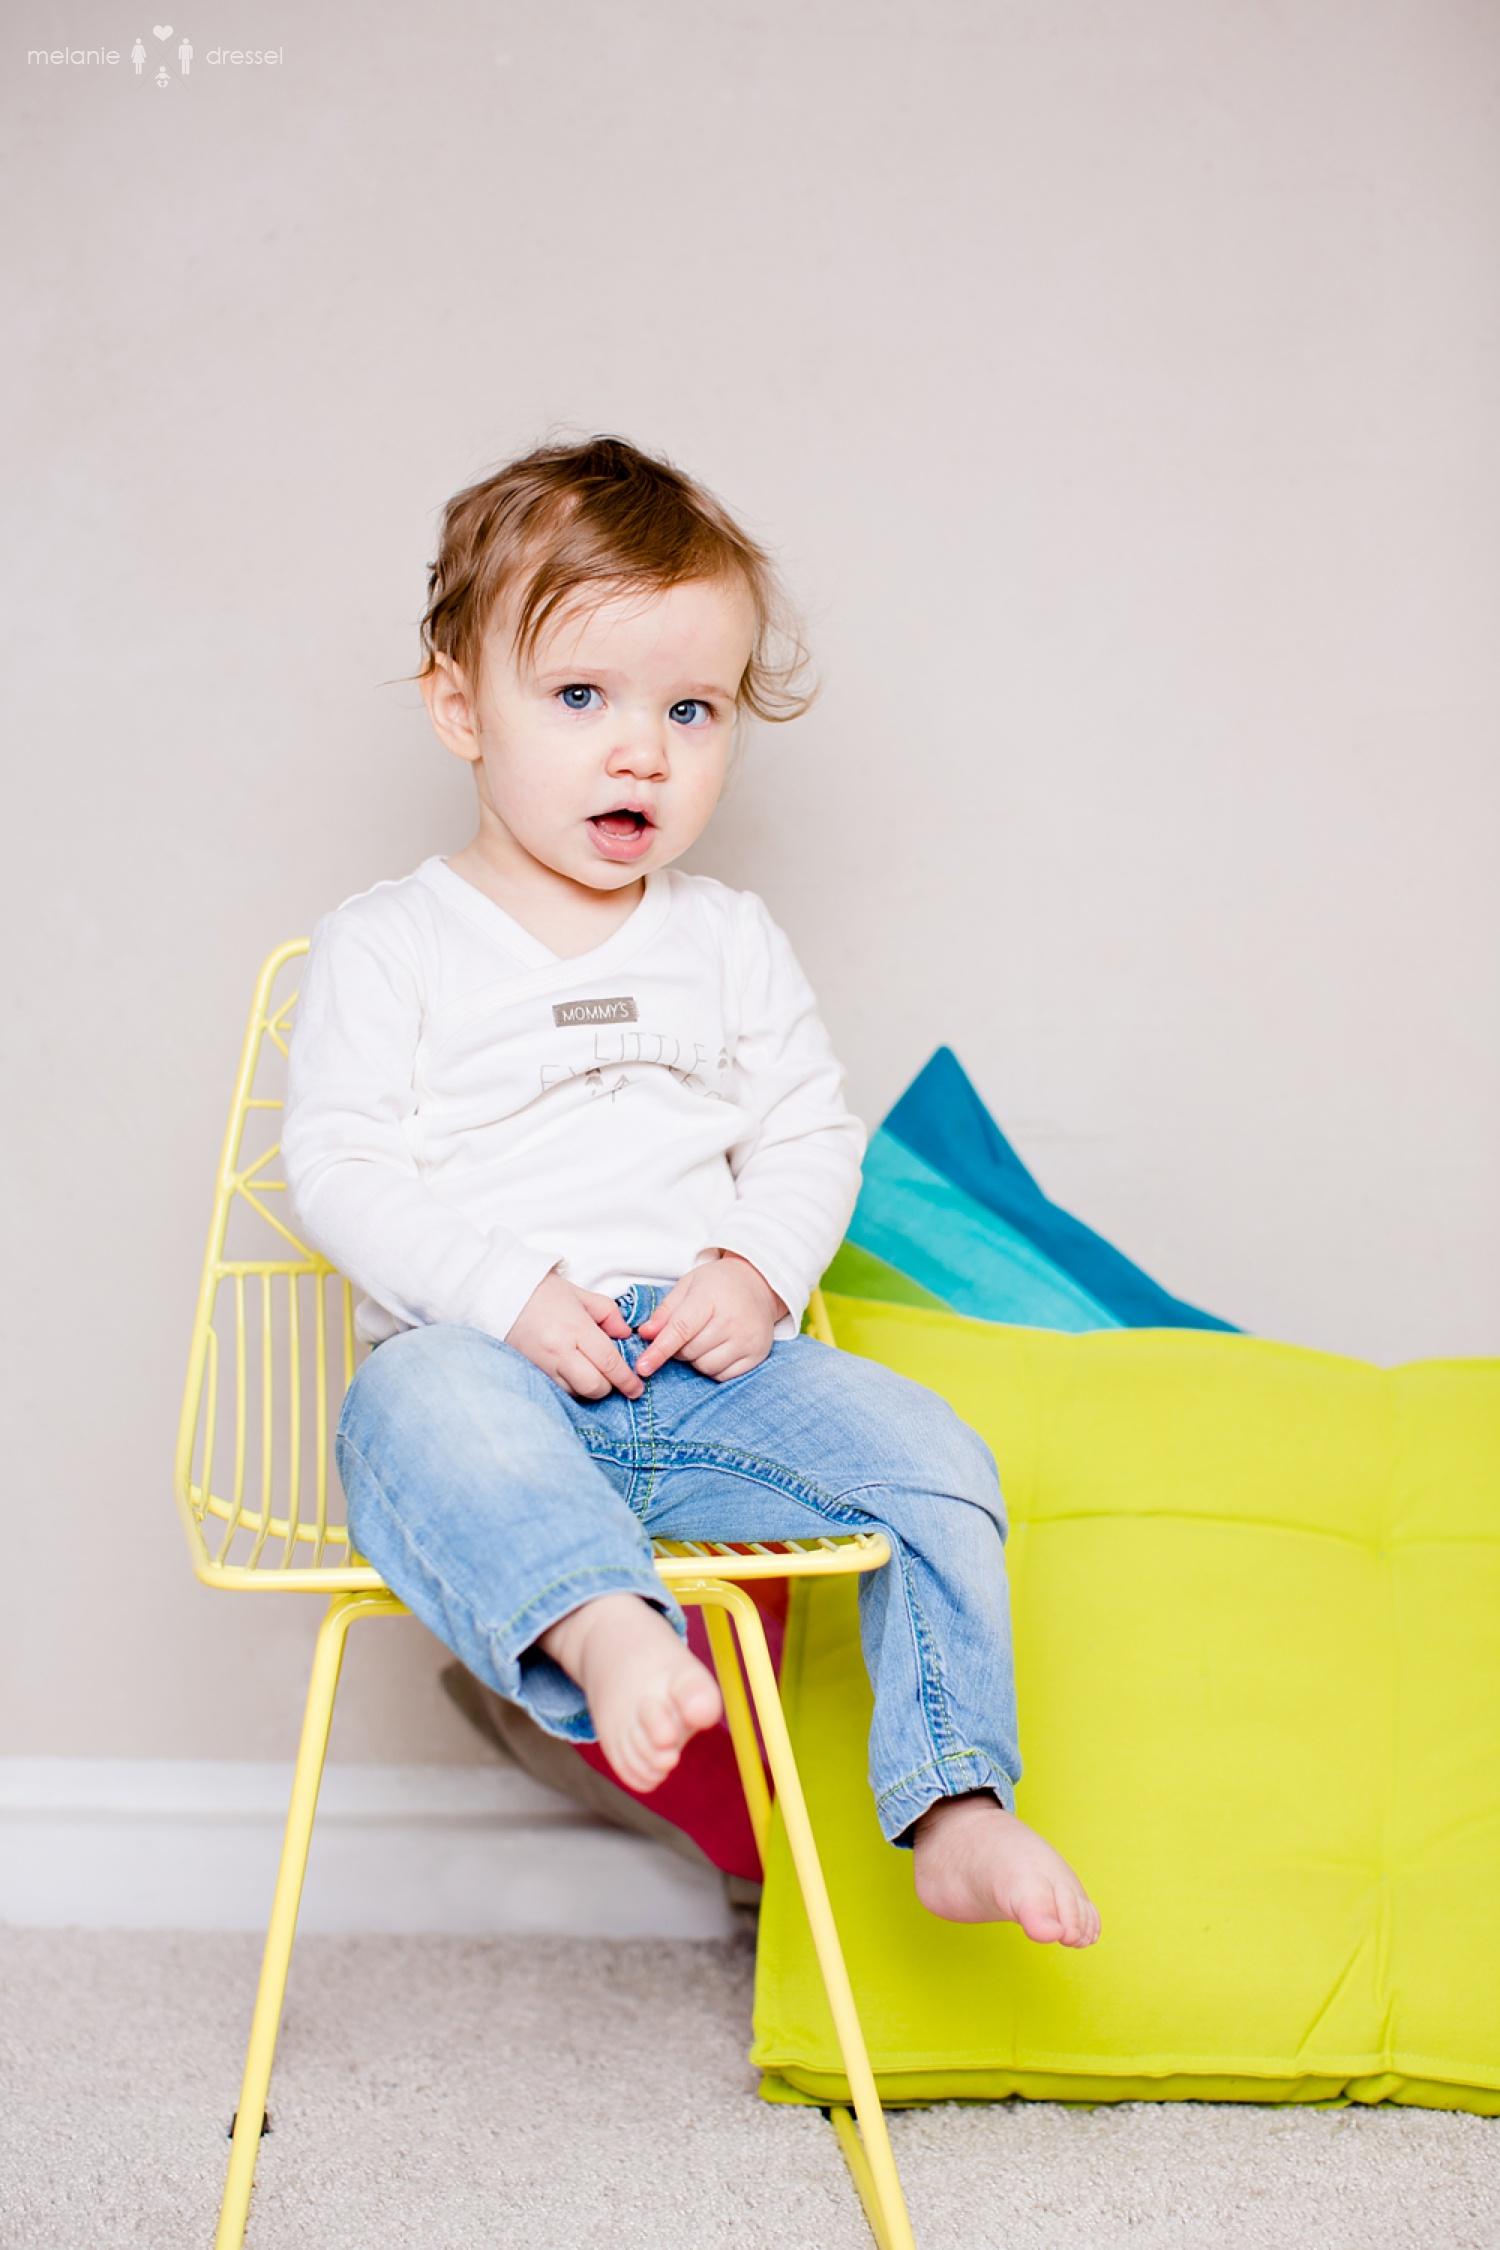 Kleinkind auf gelbem Kinderstul